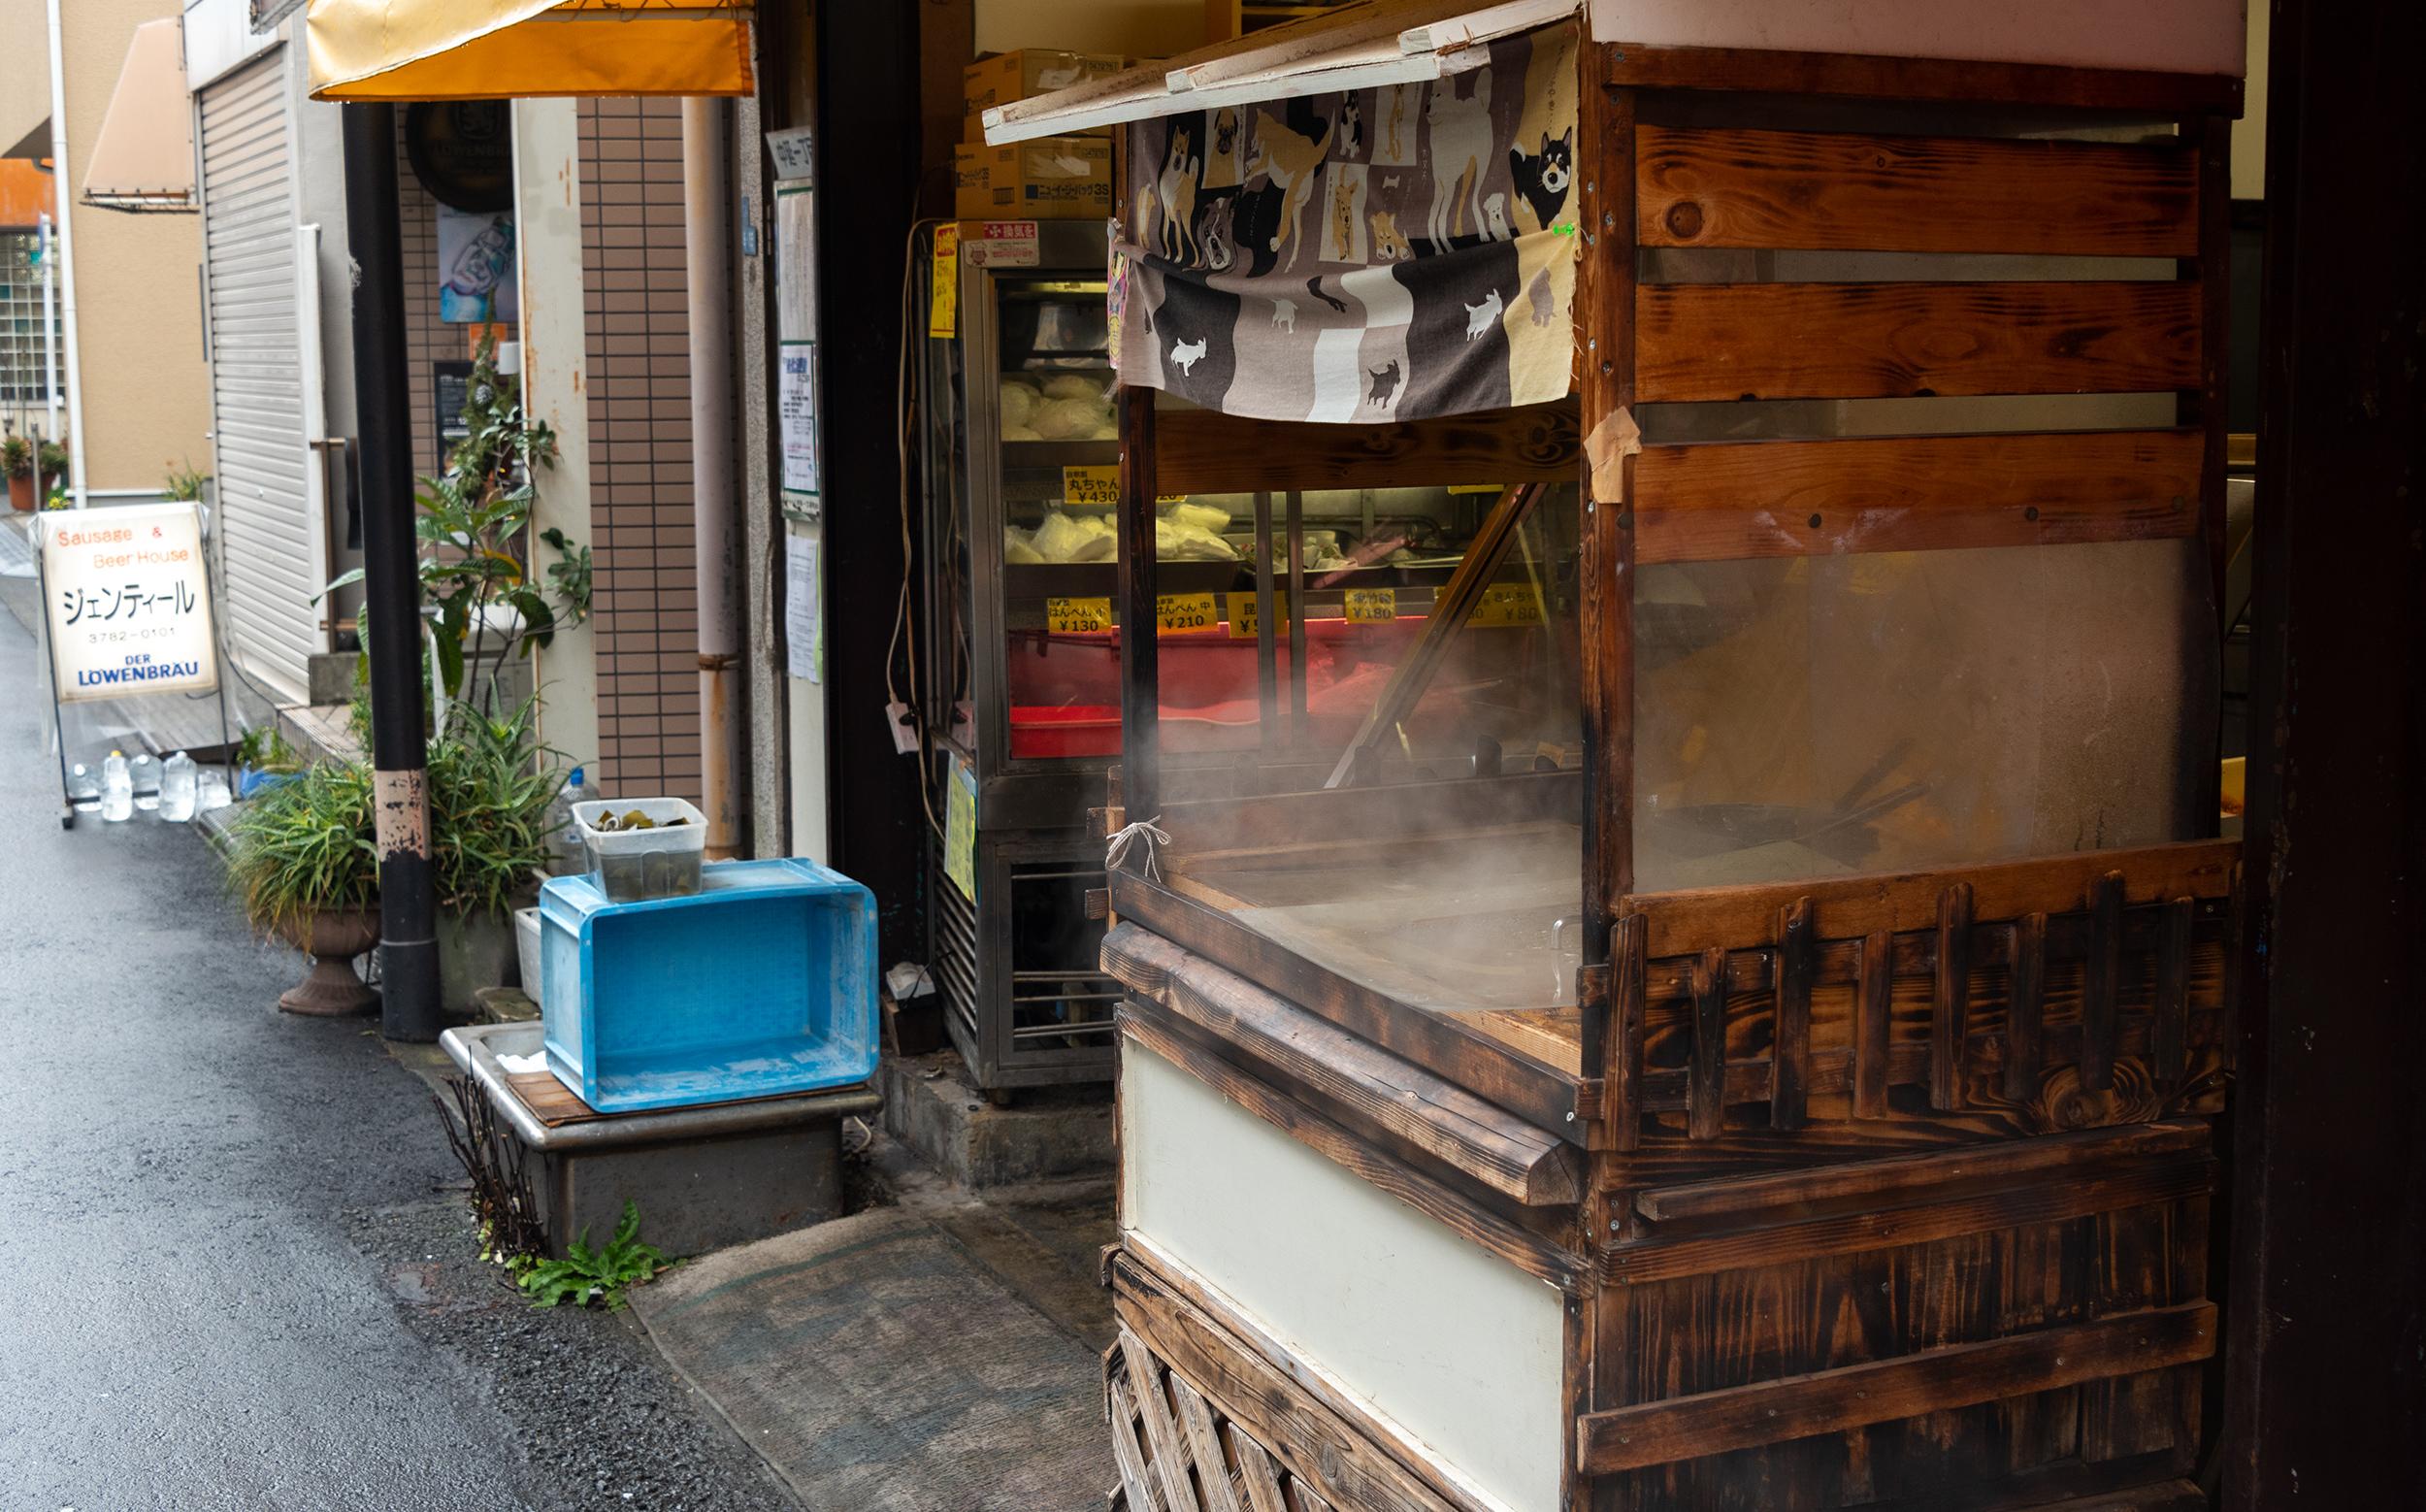 東京都品川区荏原中延 サンモールえばら:丸佐かまぼこ店